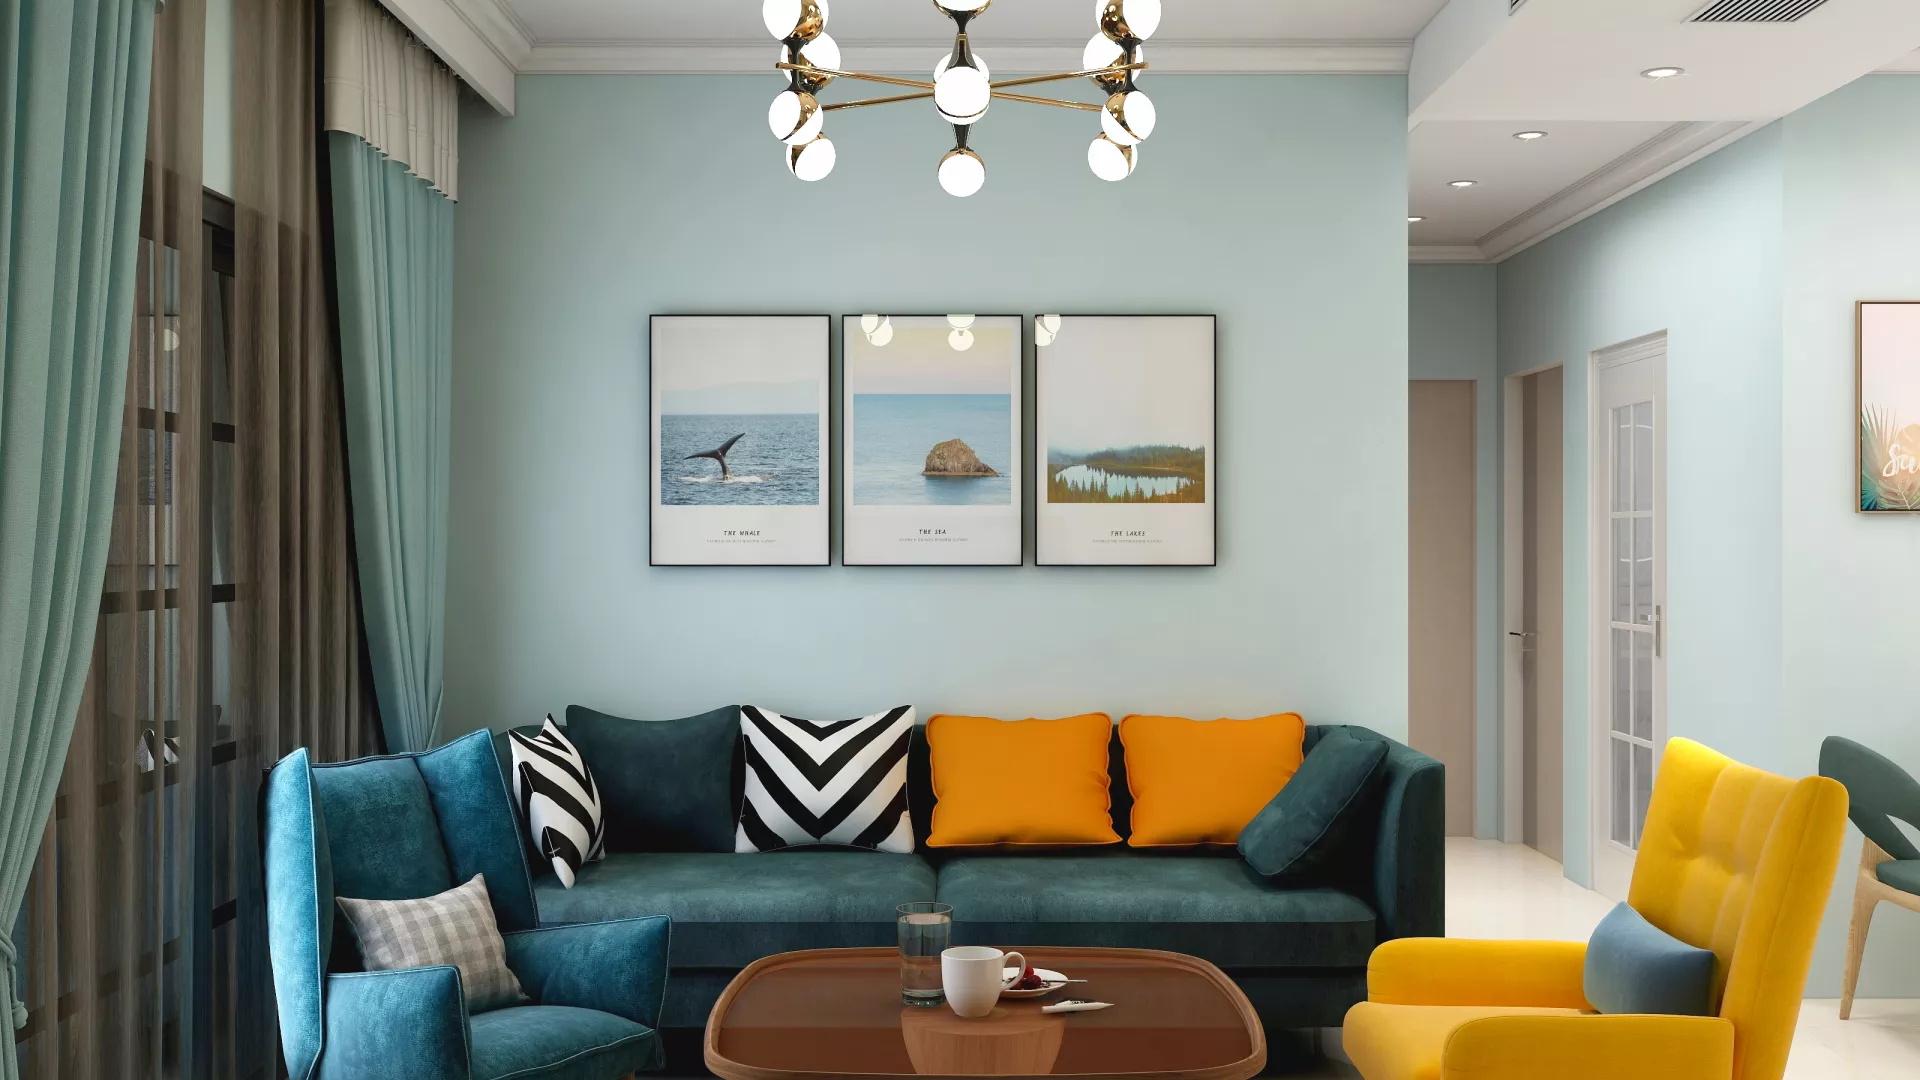 简约清新灰色风格卧室装修效果图